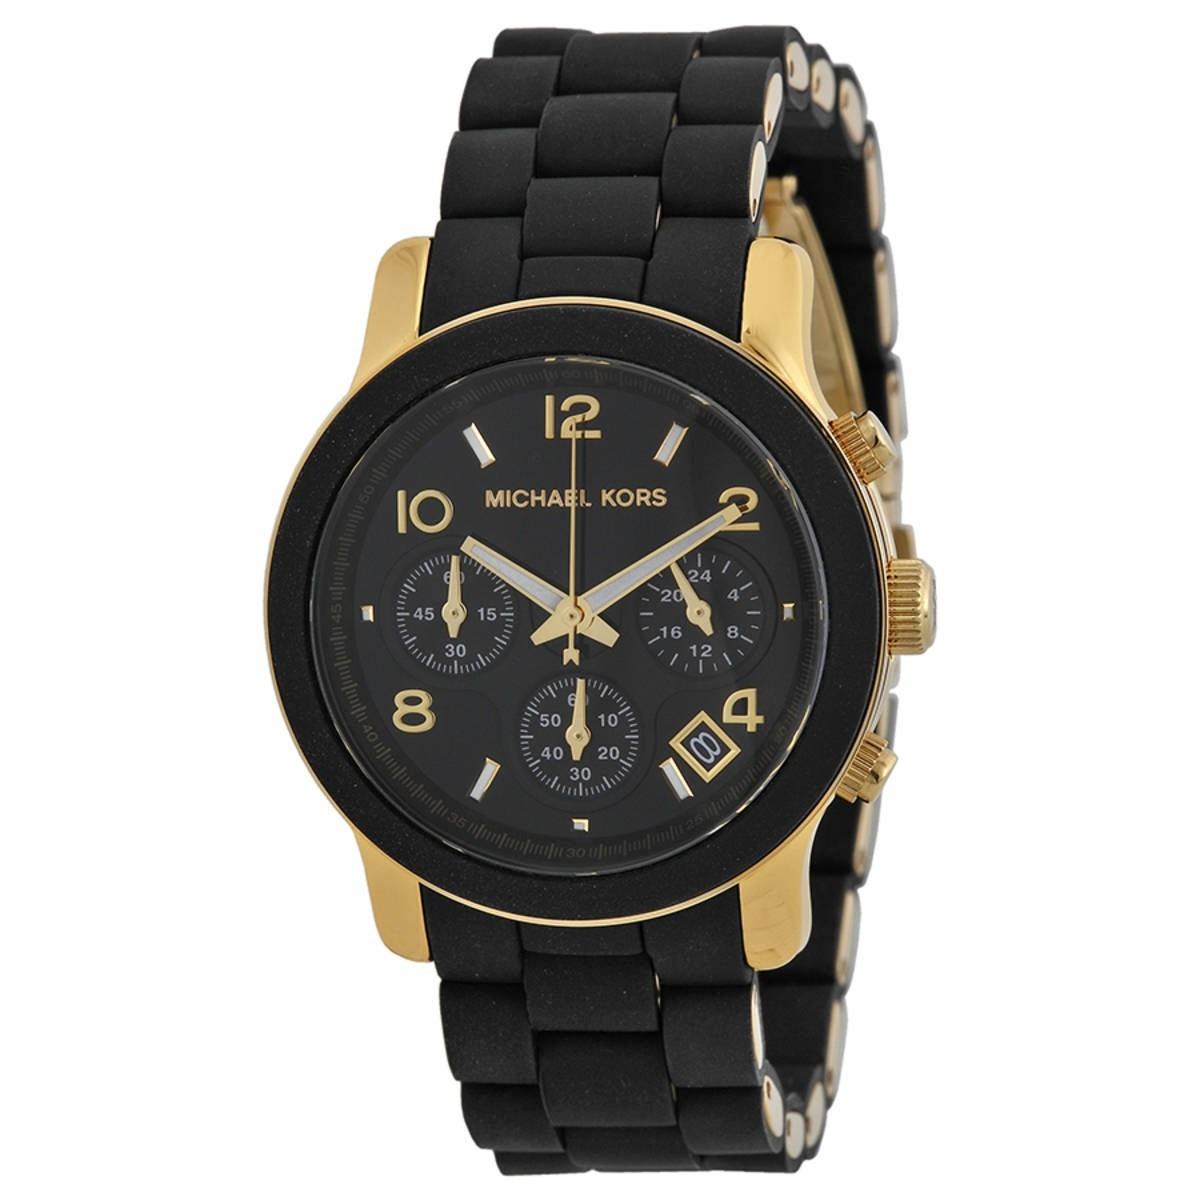 f220f67d30305 relógio michael kors mk5191 preto dourado caixa manual. Carregando zoom.